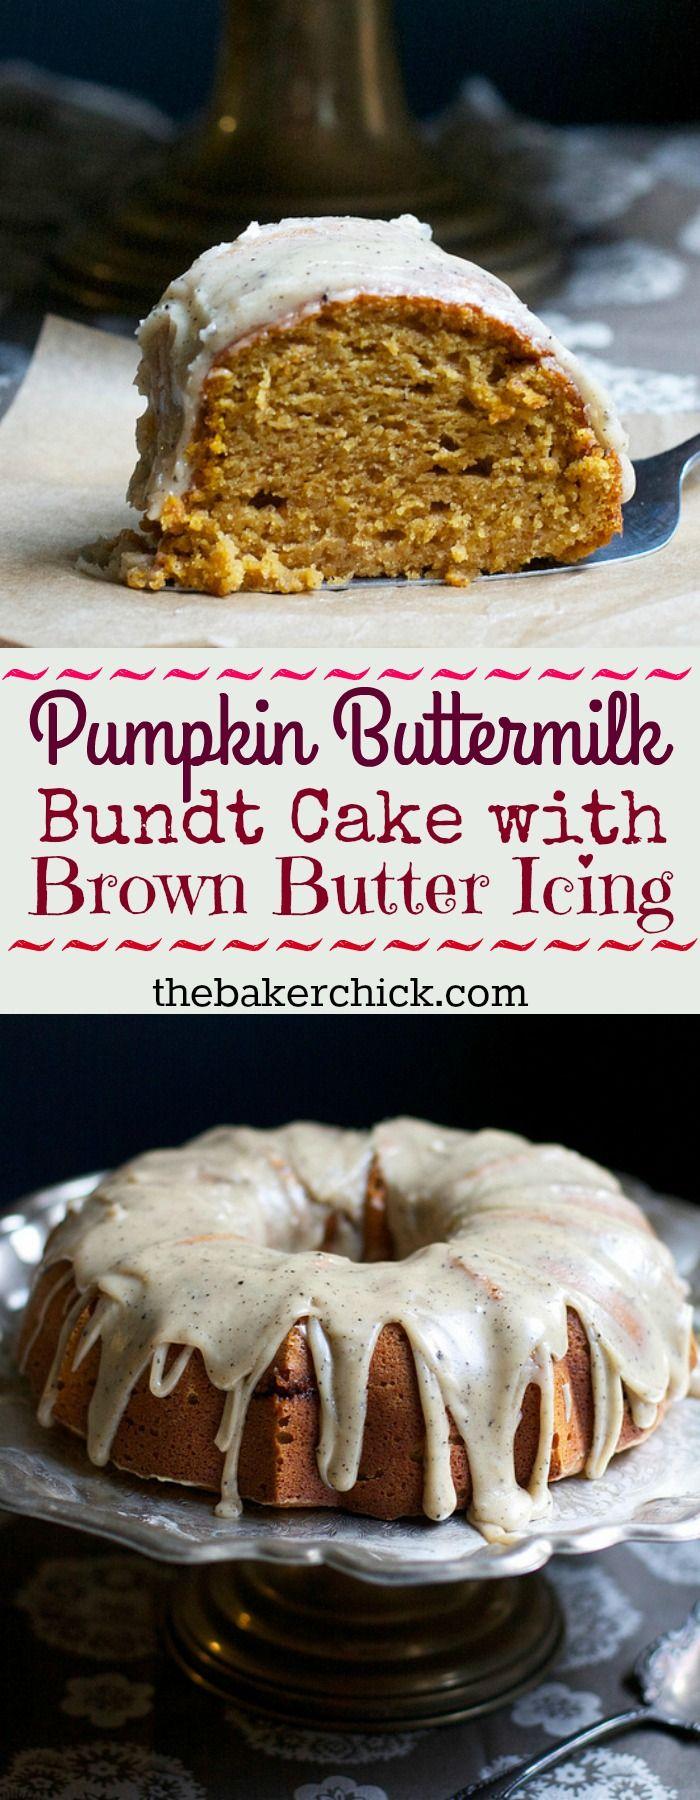 Pumpkin Buttermilk Bundt Cake with Brown Butter Icing